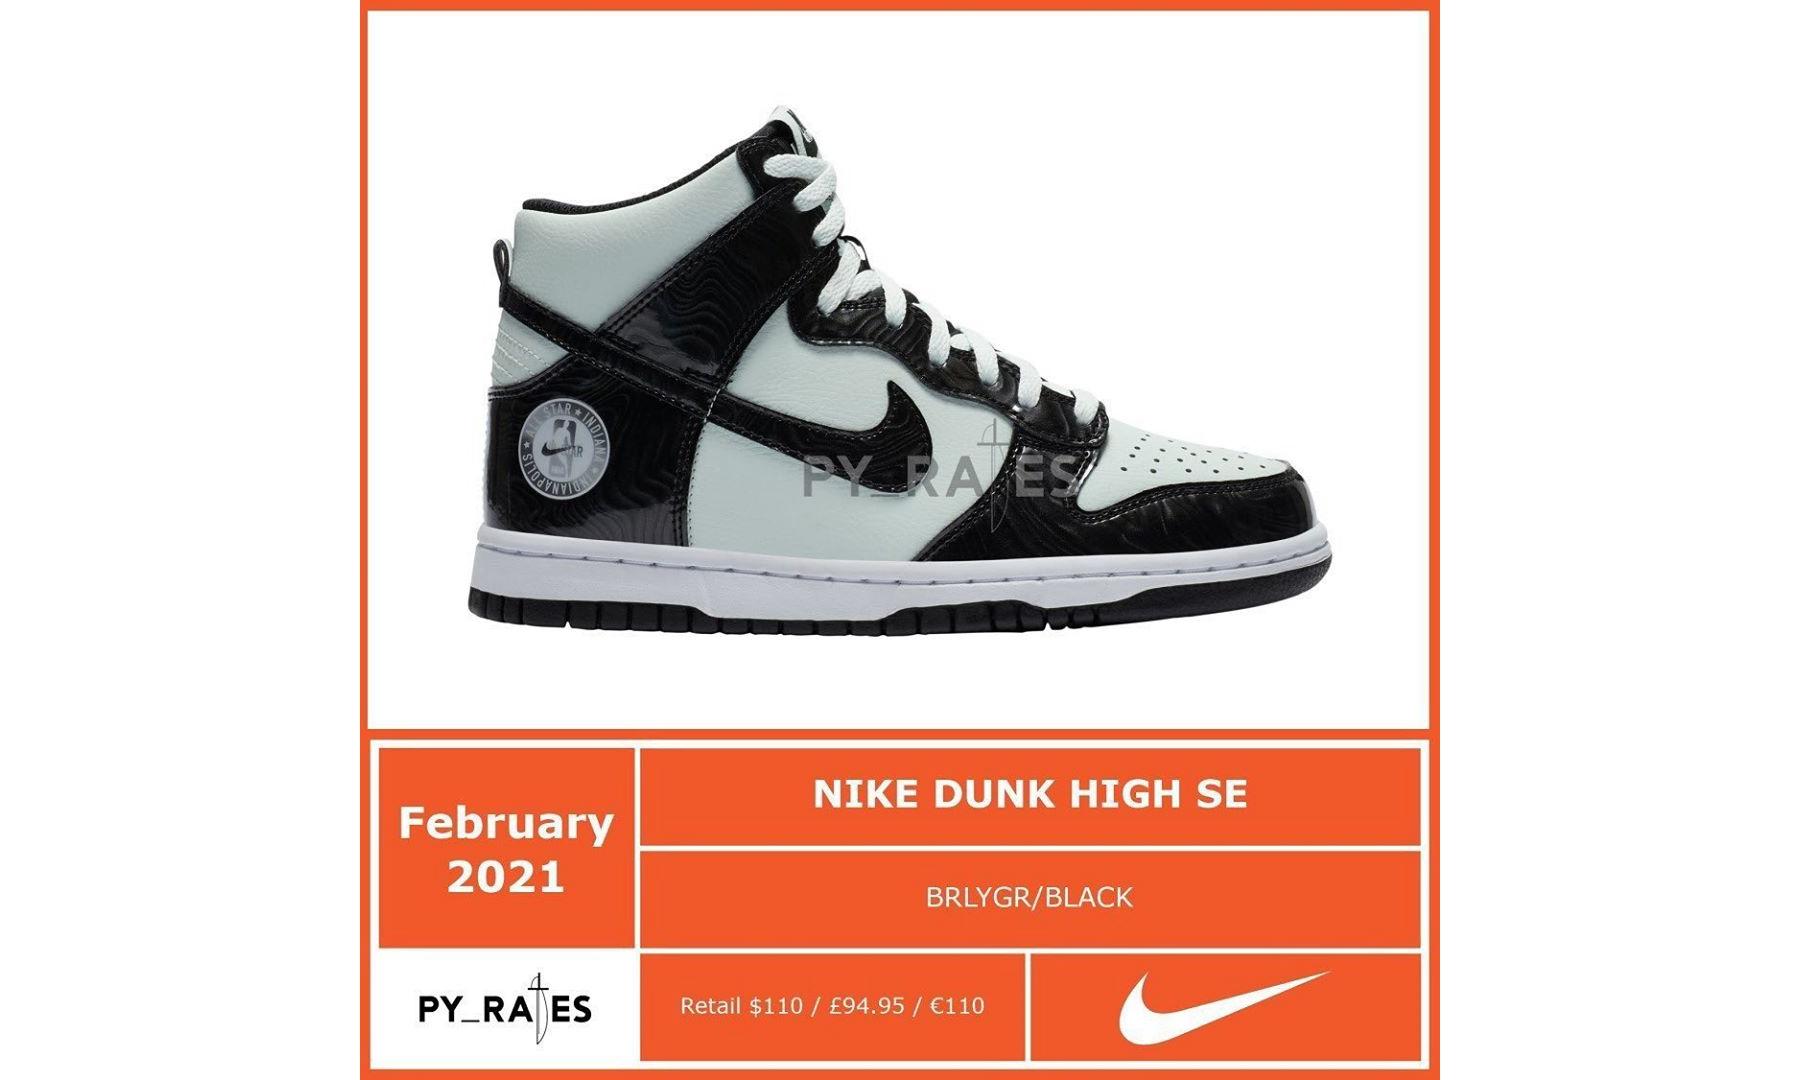 抢先预览 2021 年 Nike NBA 全明星别注鞋款设计